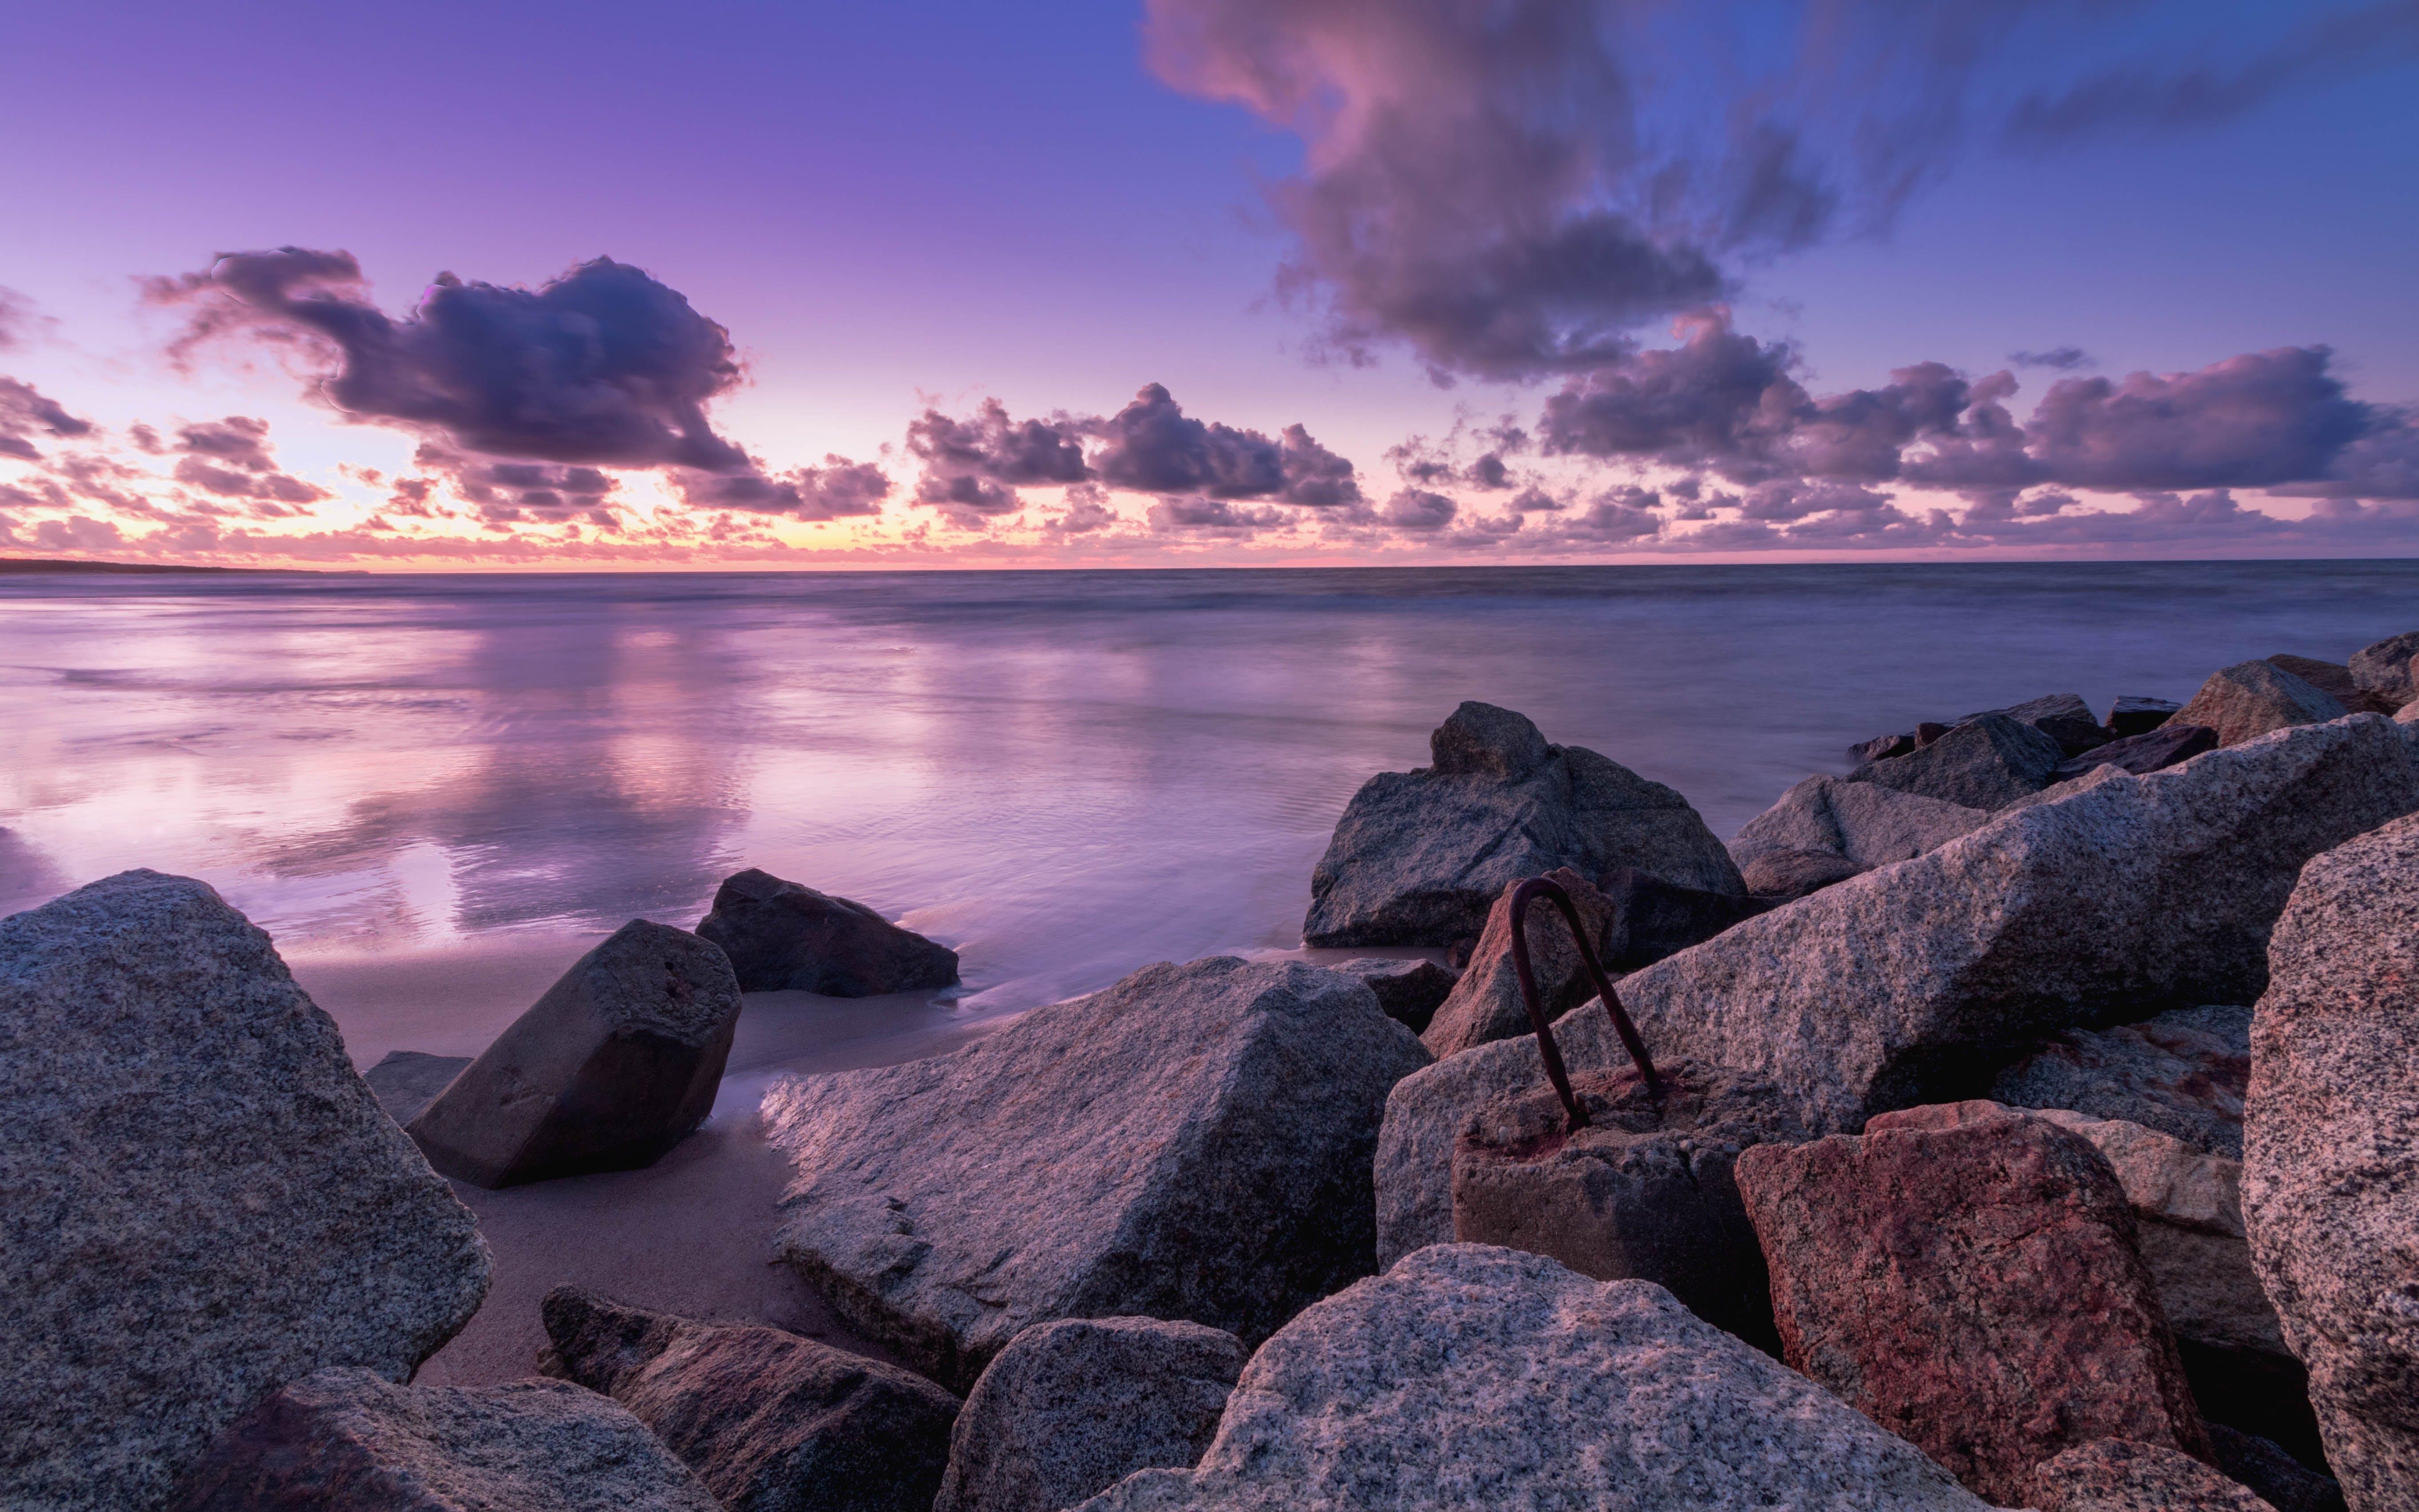 4k 바탕화면, 경치, 물, 바다의 무료 스톡 사진